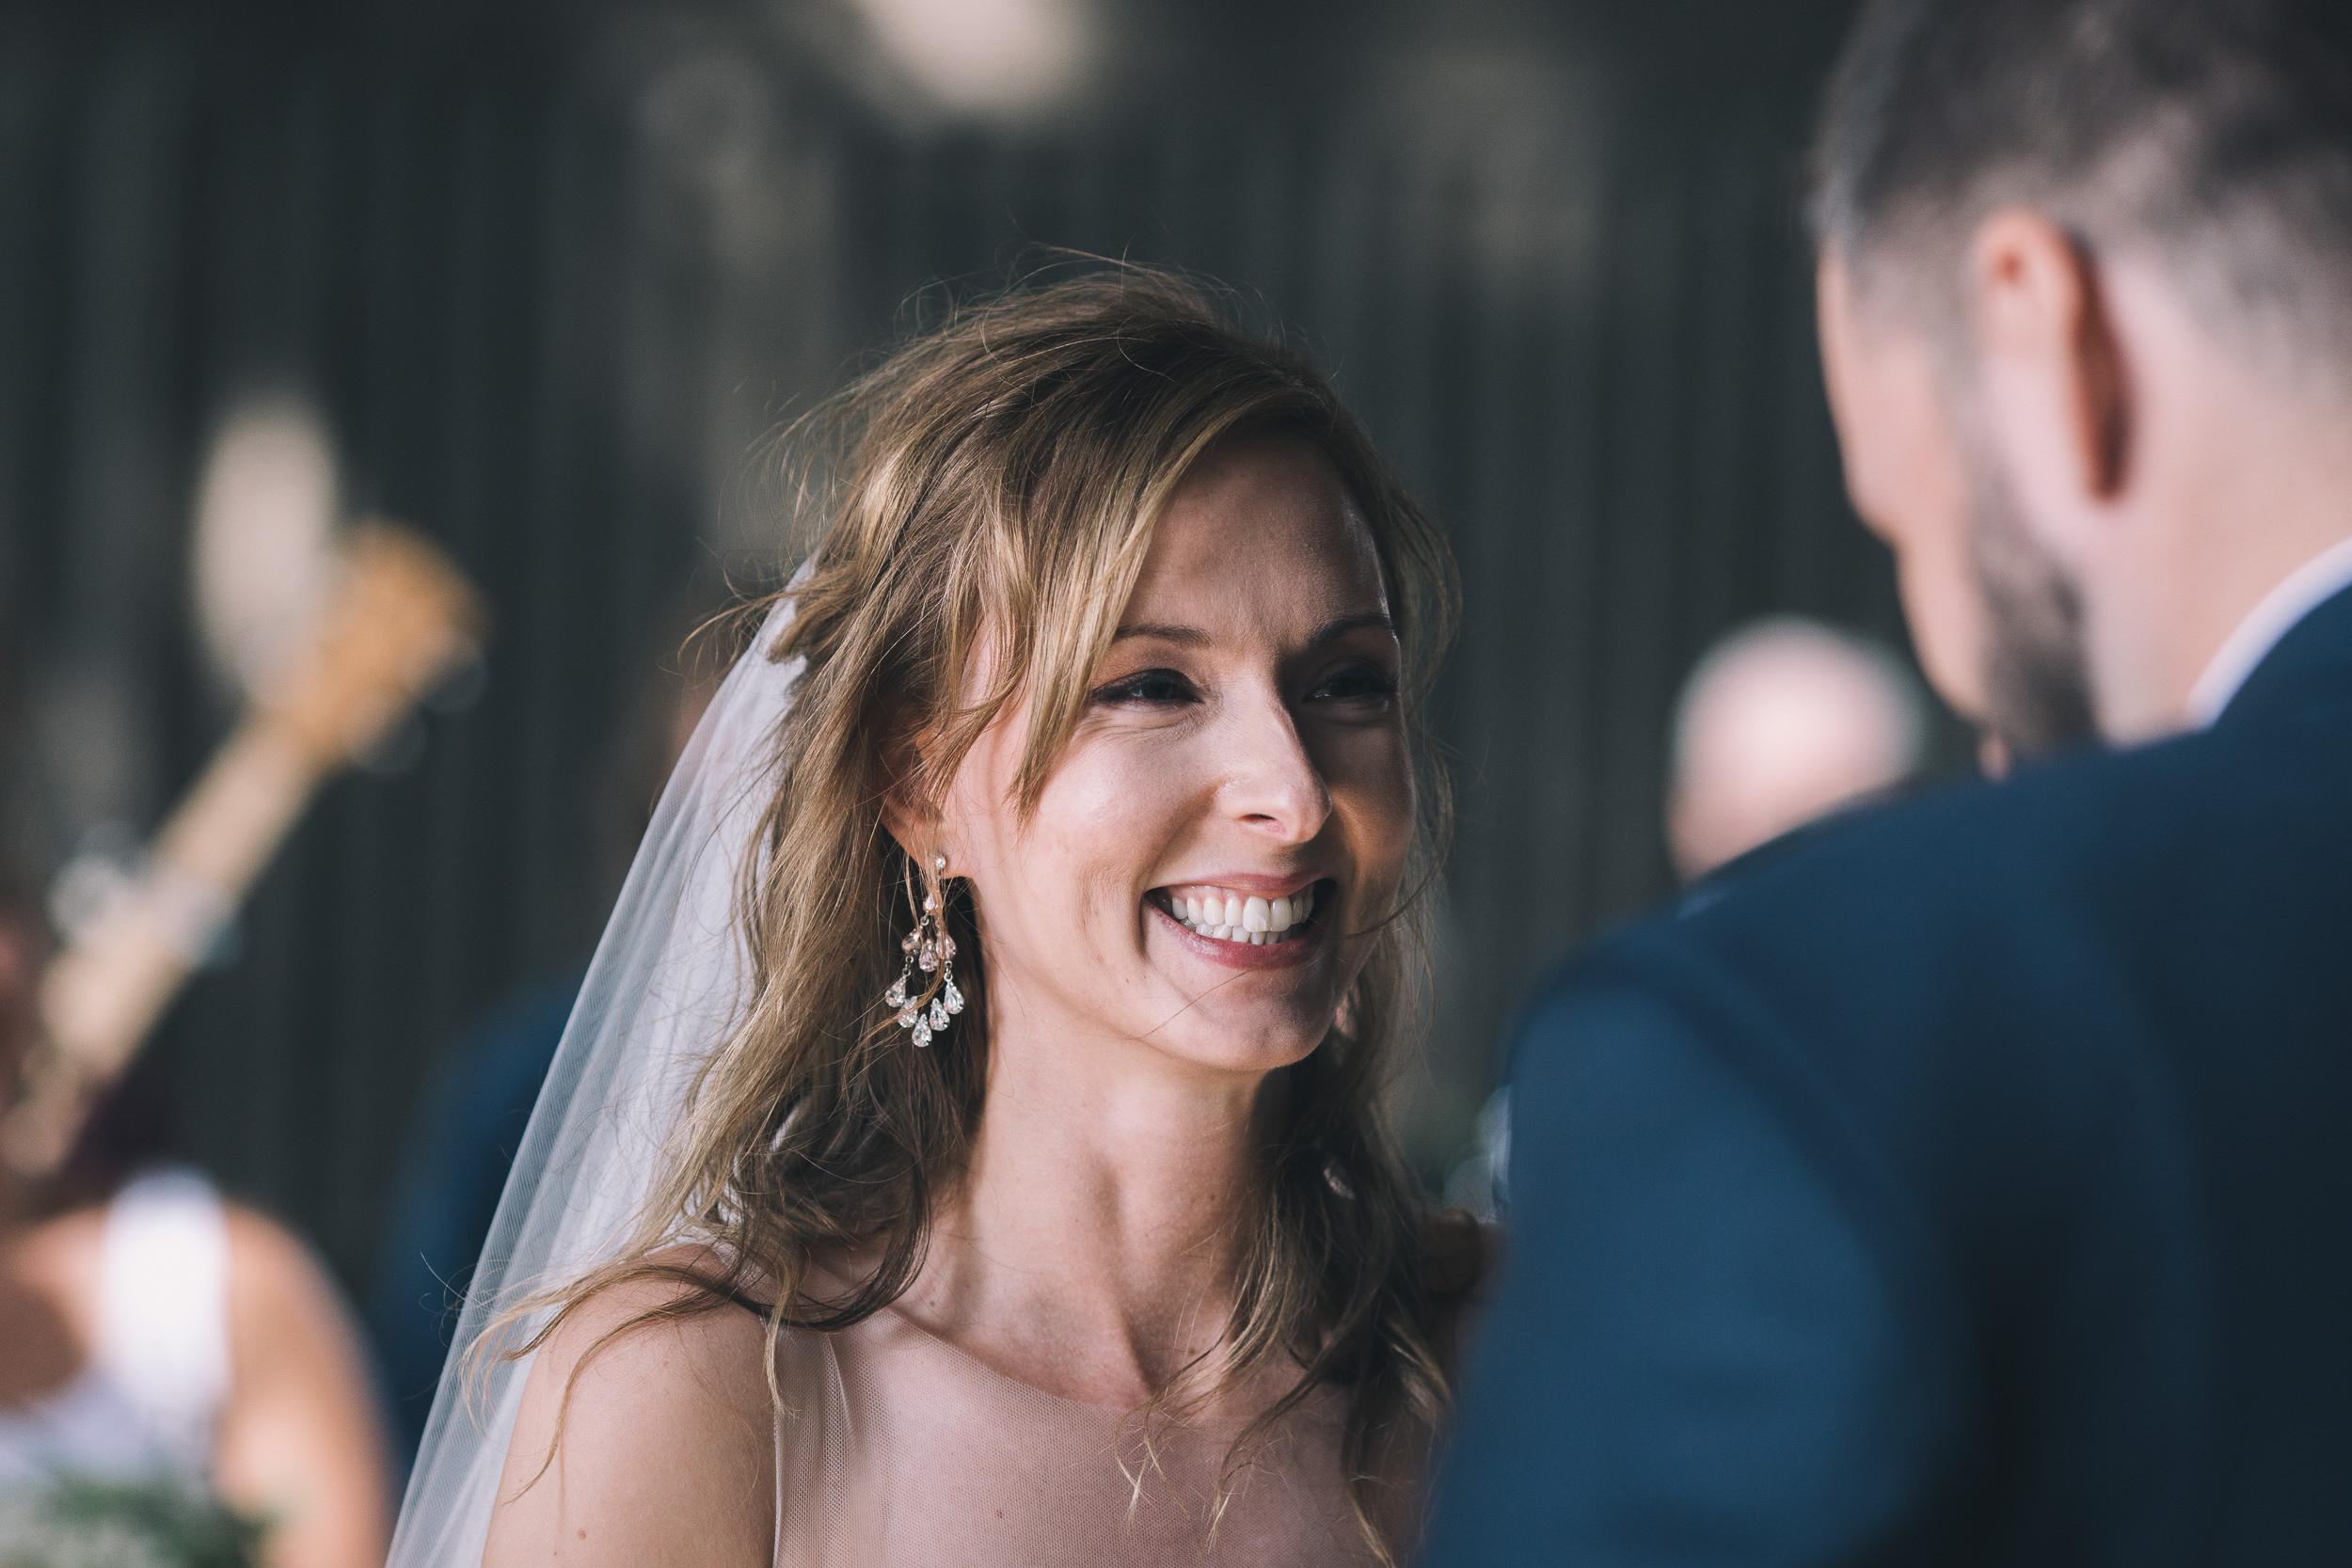 kitsap memorial state park bride smiling